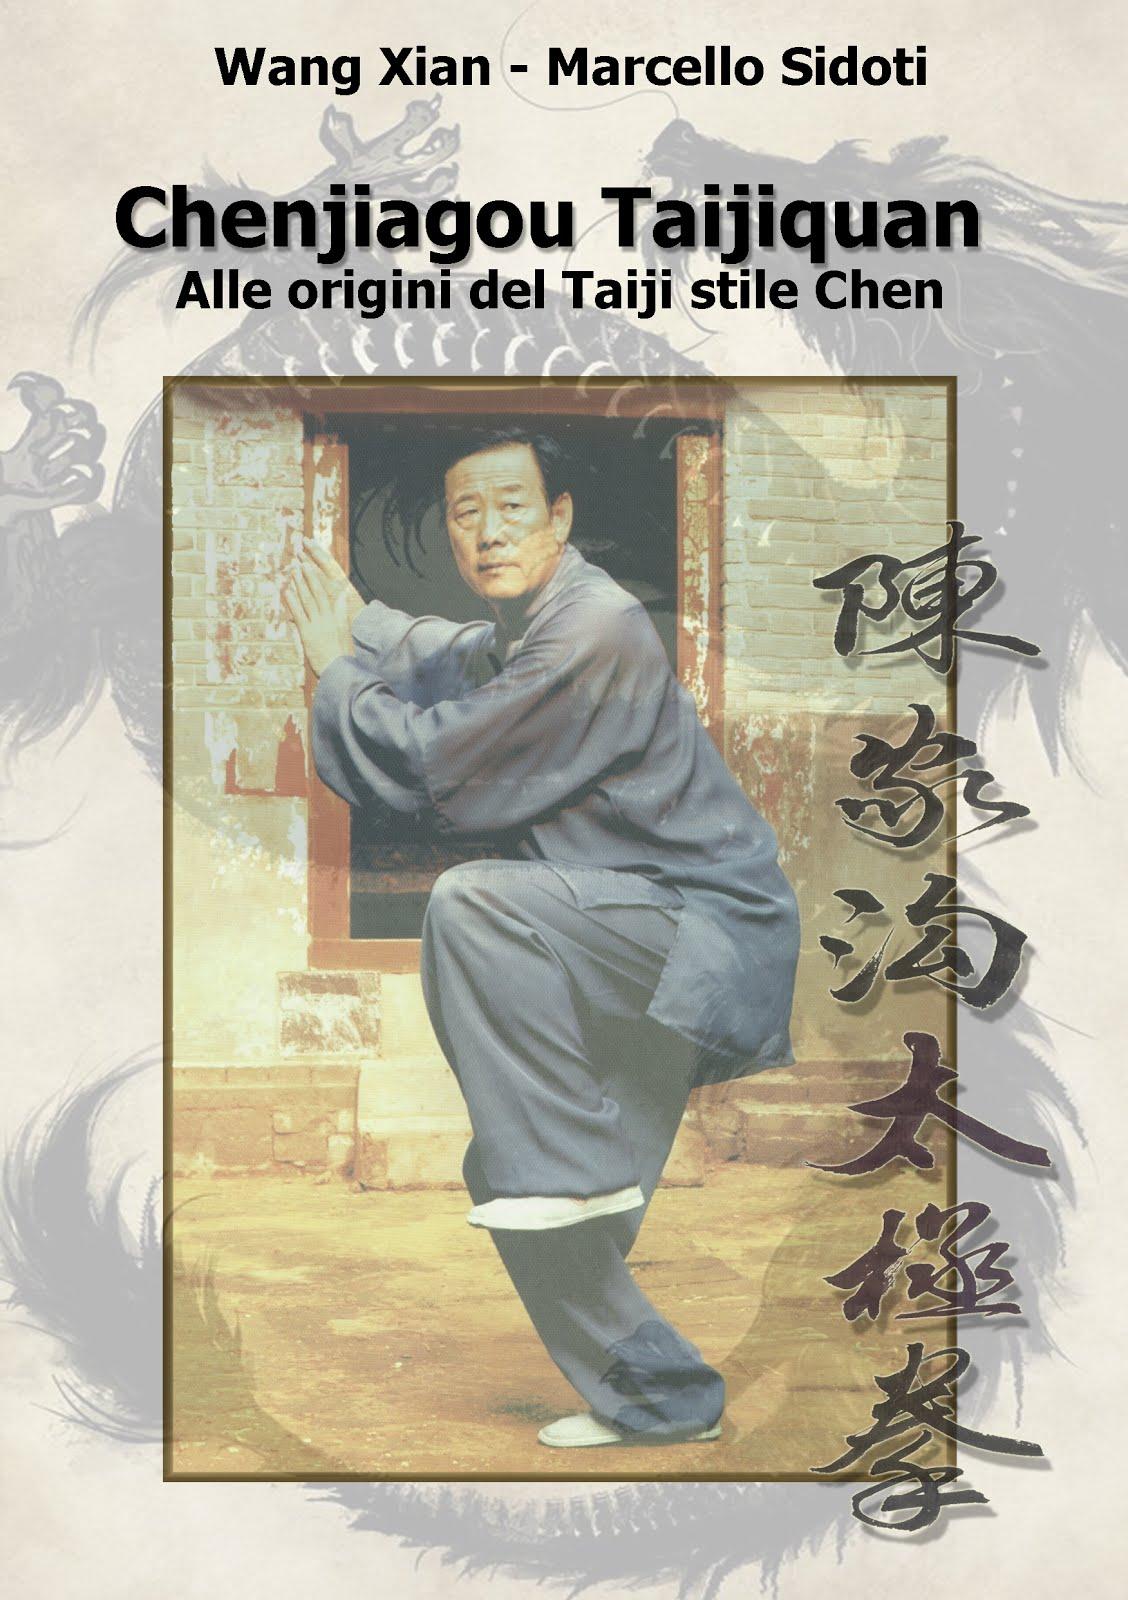 Chenjiagou Taijiquan, alle origini del Taiji stile Chen